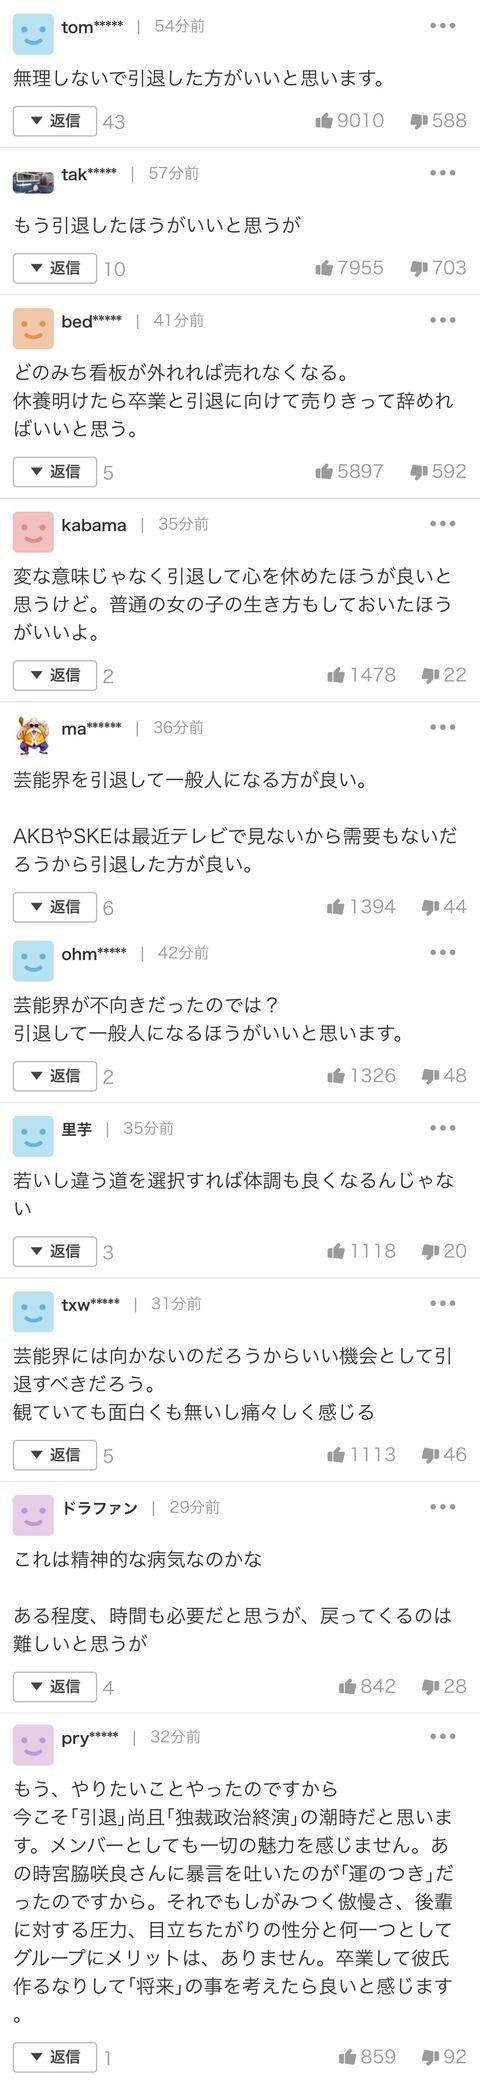 【悲報】ヤフコメ民「松井珠理奈は引退た方がいい」で意見が統一されしまう